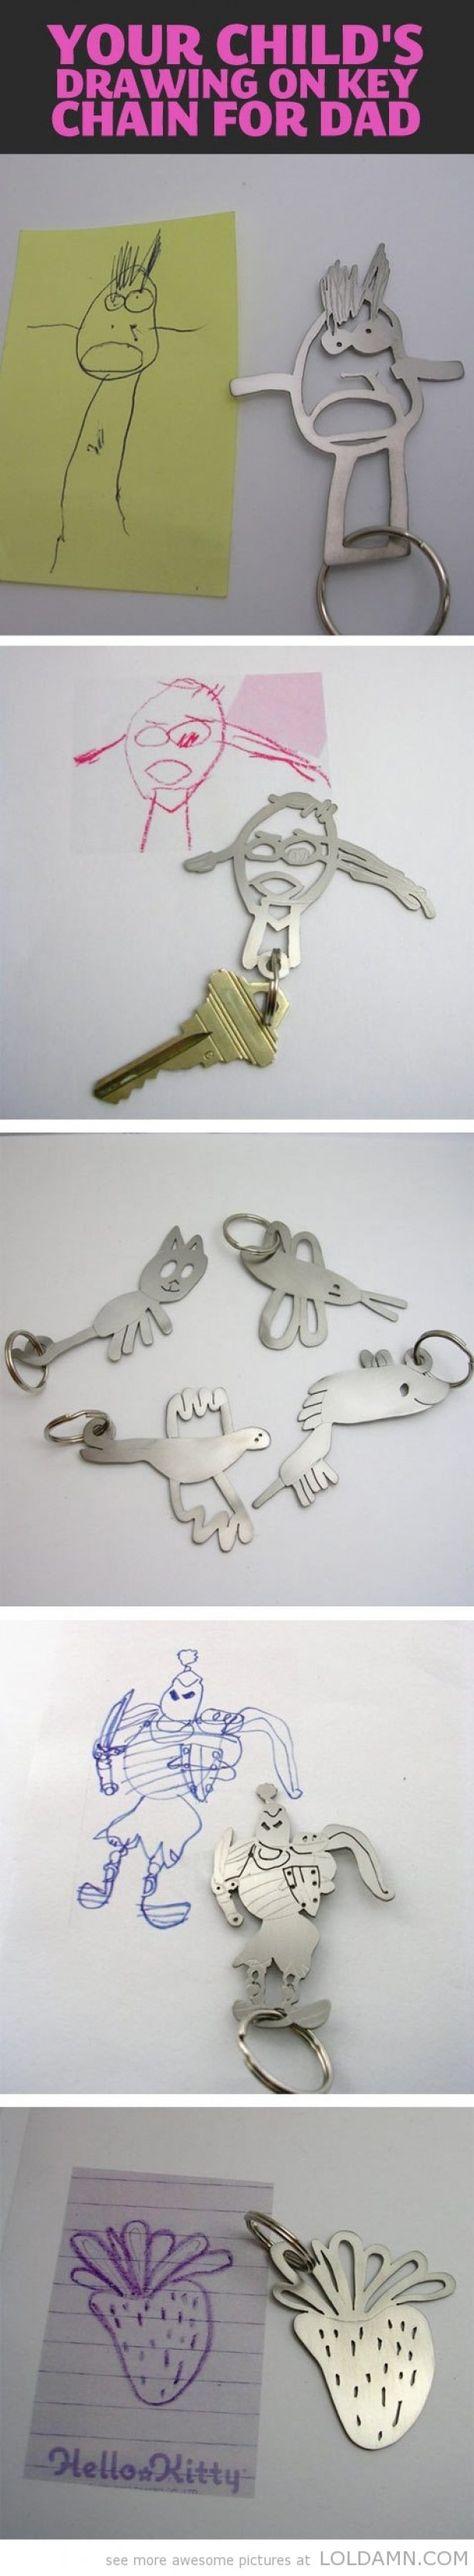 Uw kind tekening op een sleutelhanger (bit.ly/XDXLSM)